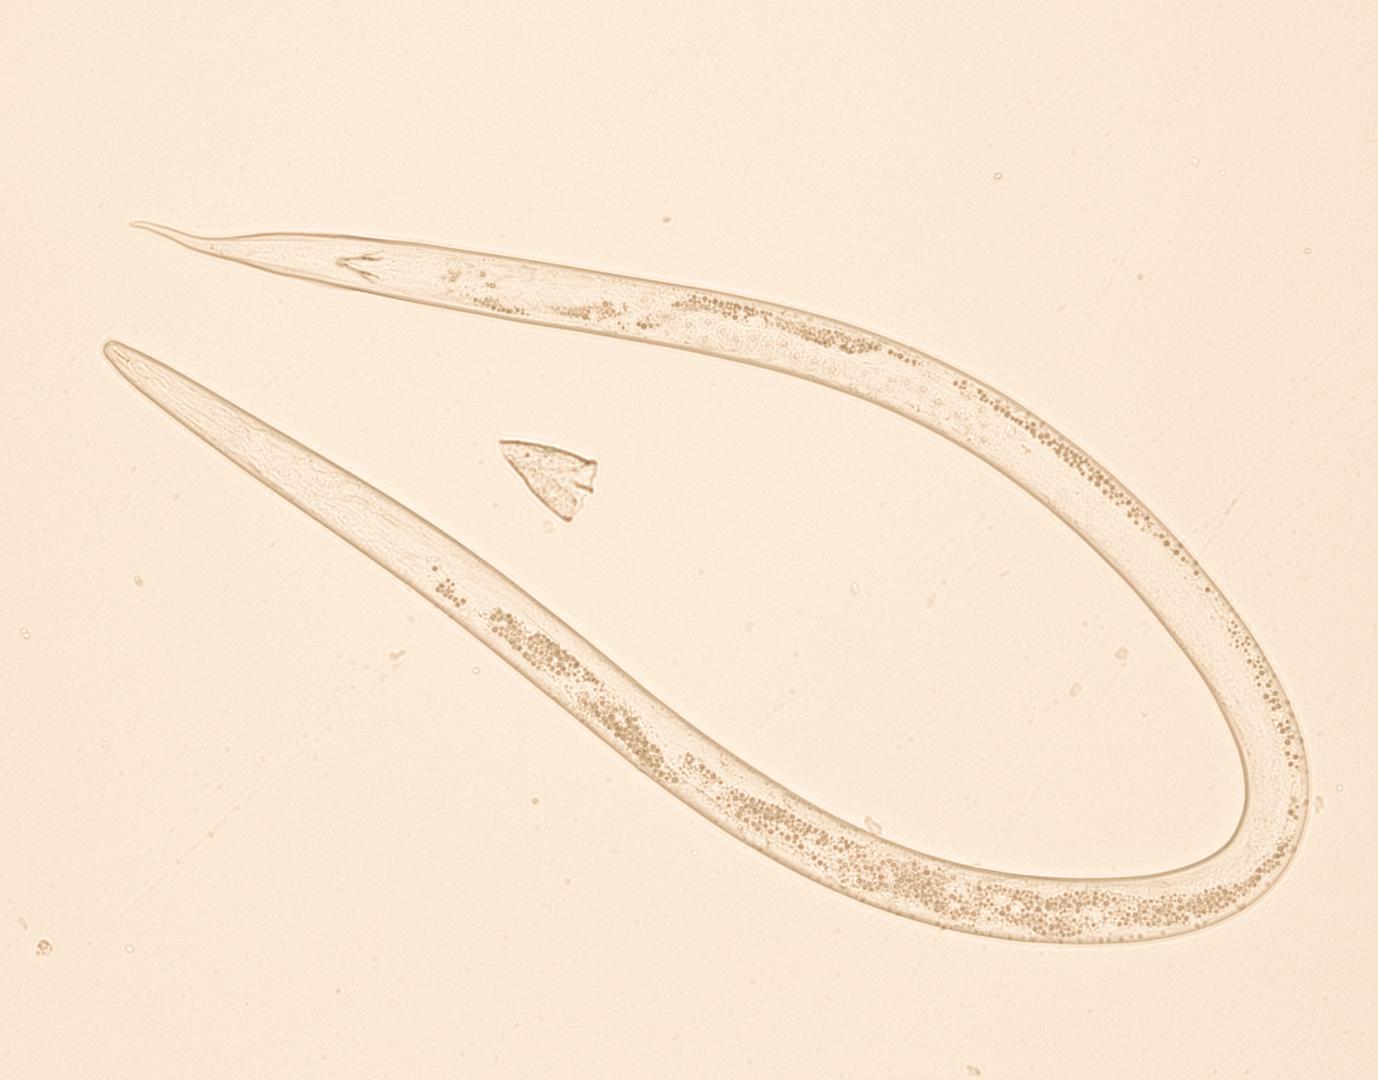 Nematoides em amostra de solo de cultura de tabaco